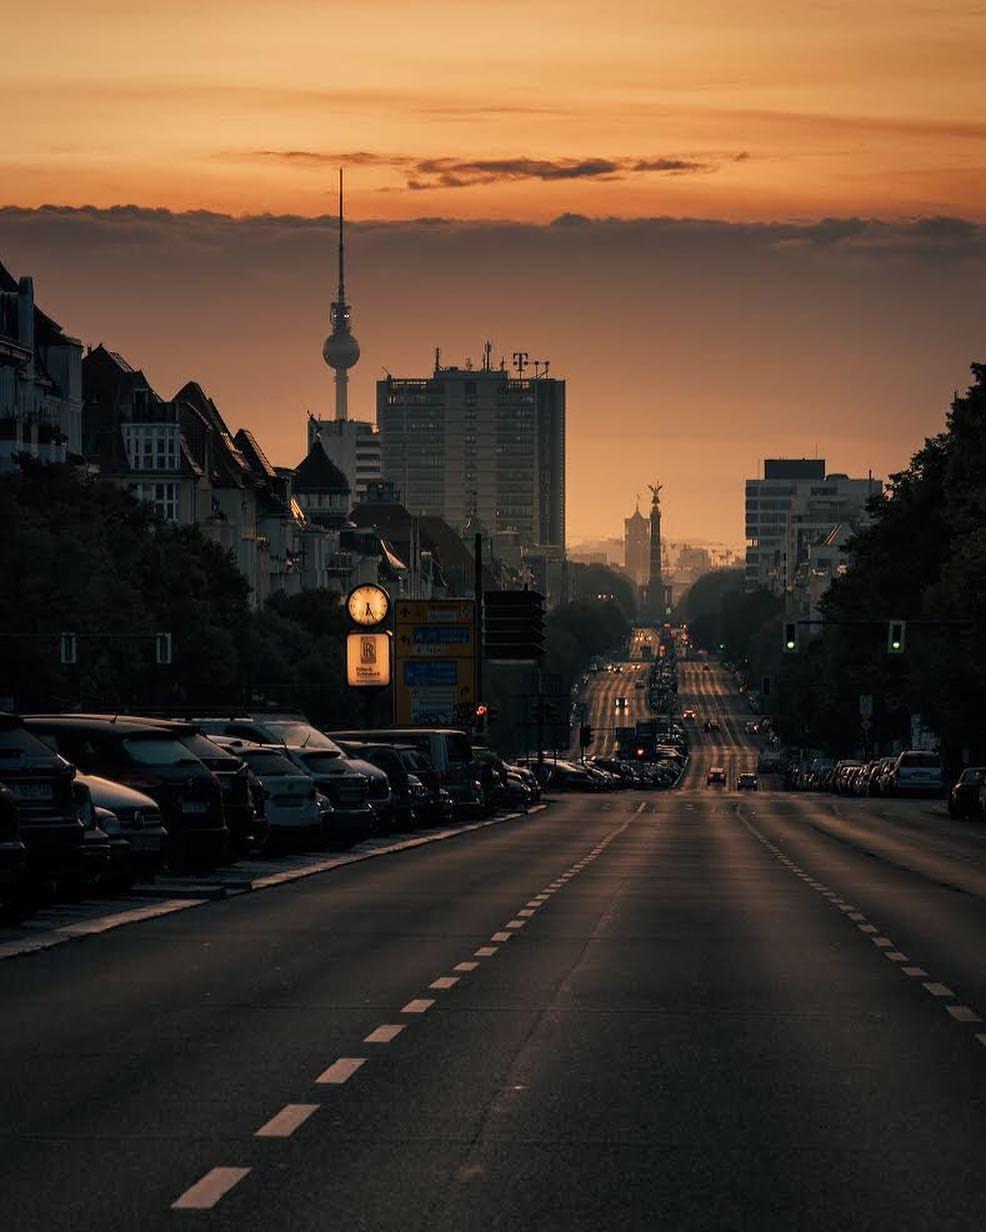 Gefallt  Kommentare Visitberlin Visit_berlin Auf Instagram Visit_berlin Team Pick What A Wonderful Berlin View Captured By Local